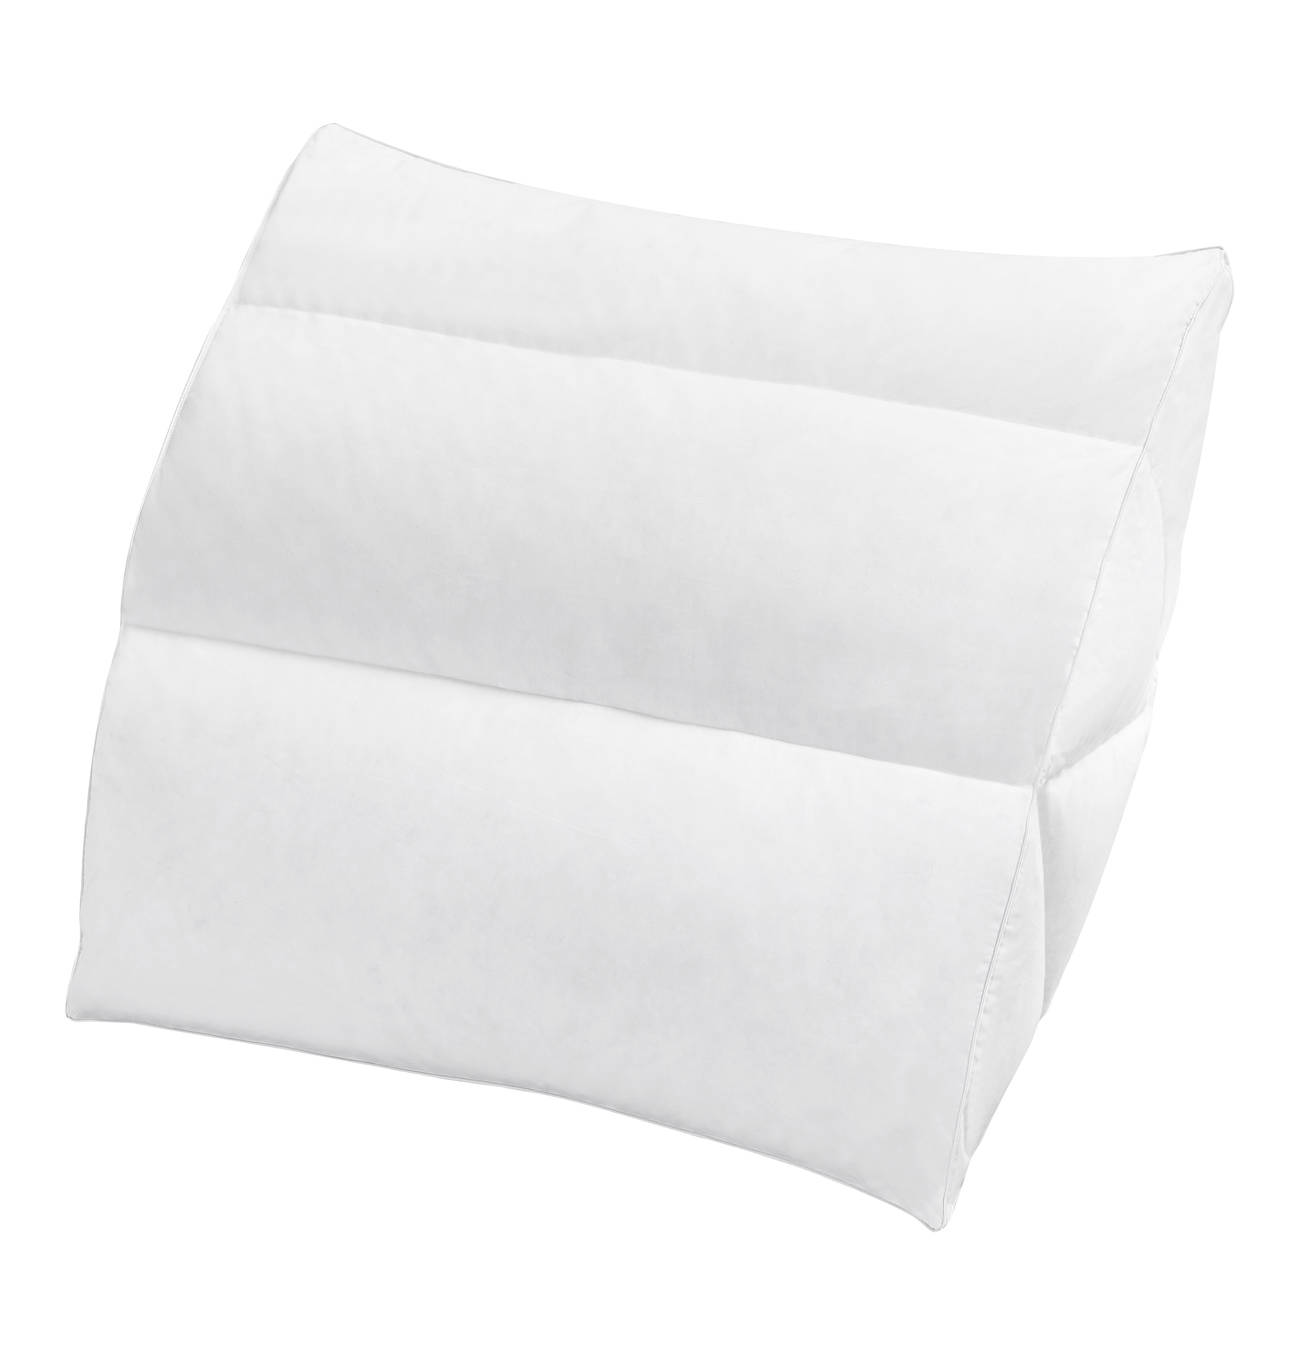 Kissen Seitenschlafer 80 X 80 Cm Kissen Bettdecken Und Farbe Weiss